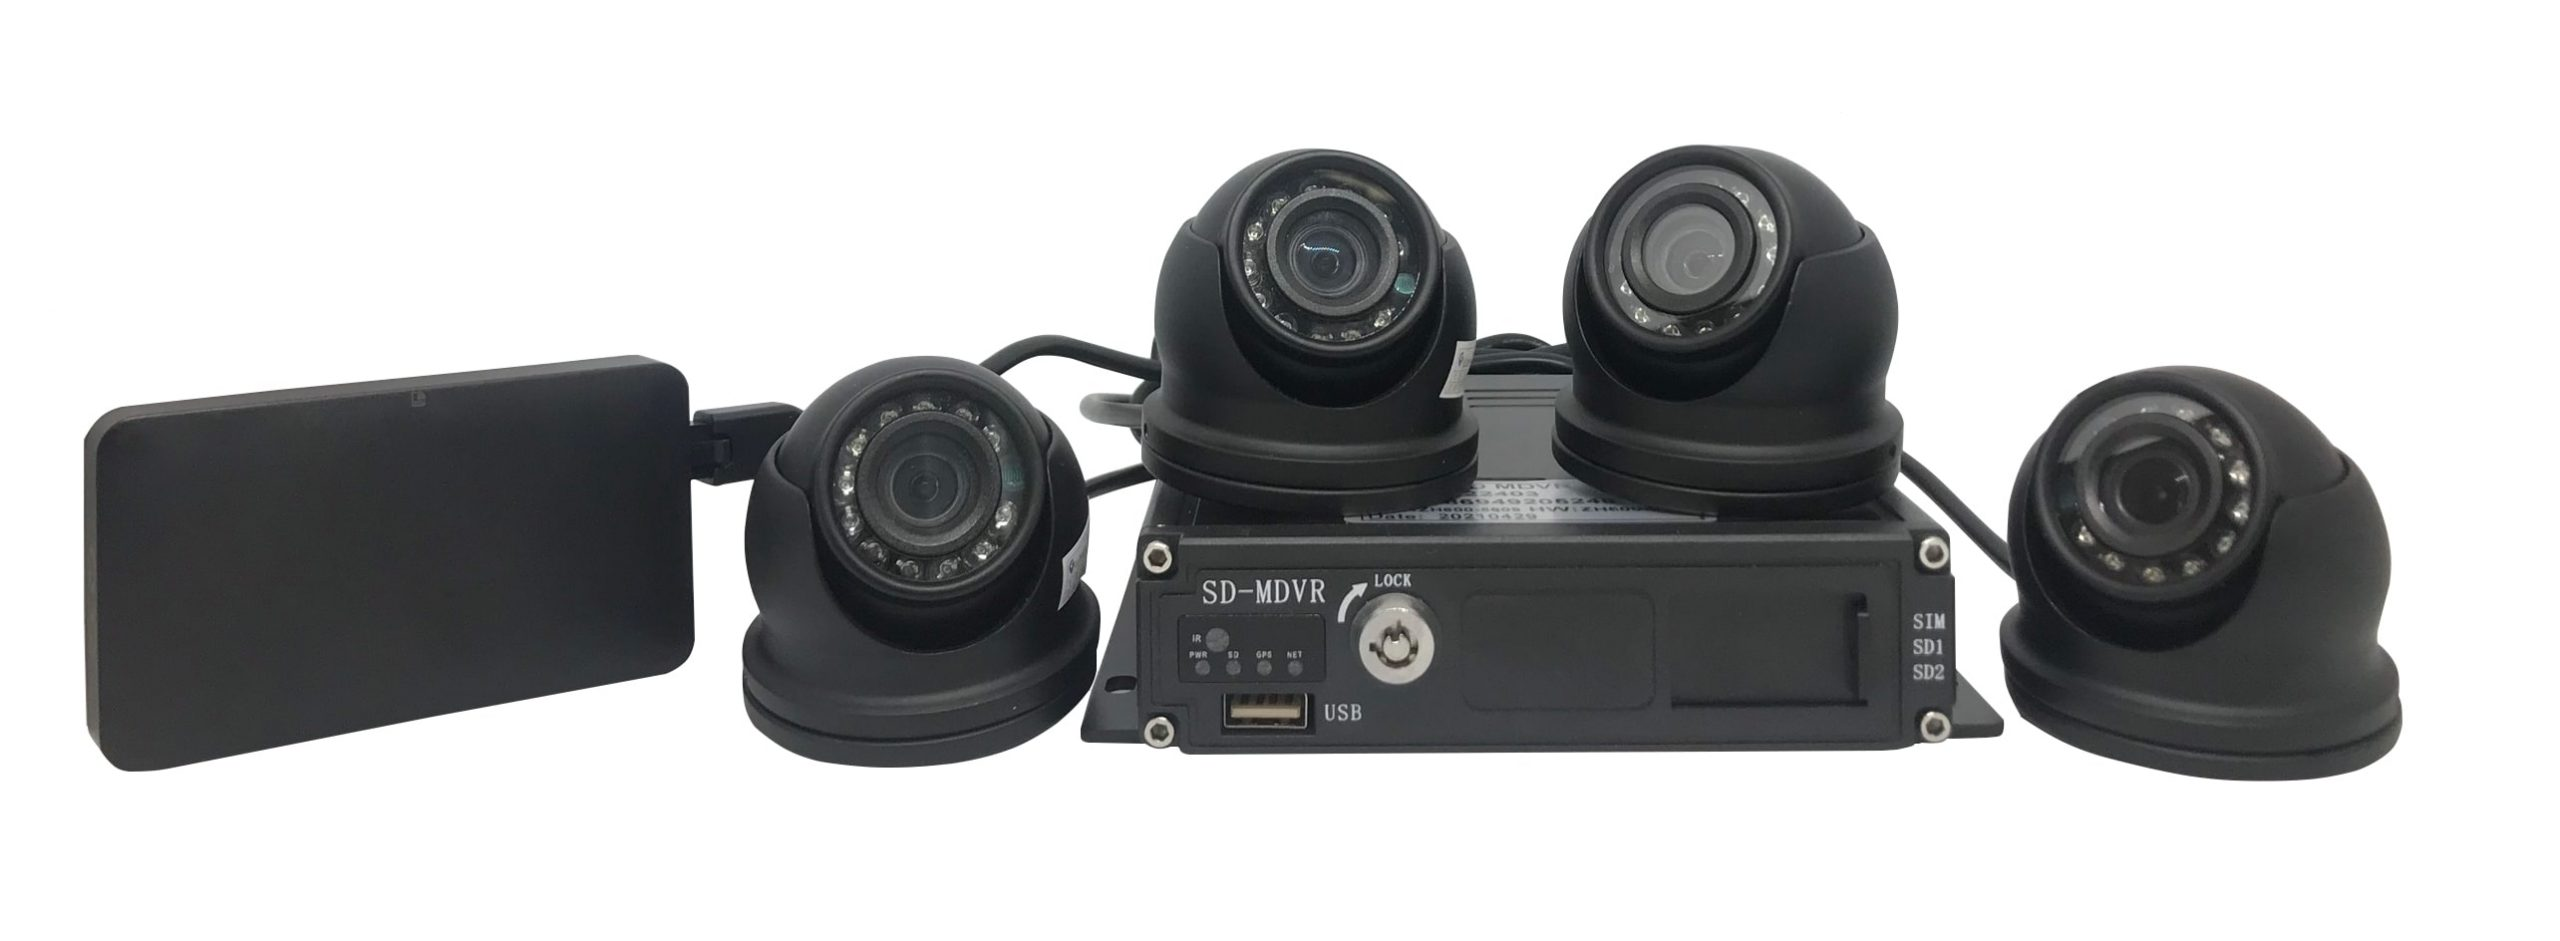 hệ thống camera giám sát hợp chuẩn nghị định 10 sm400p